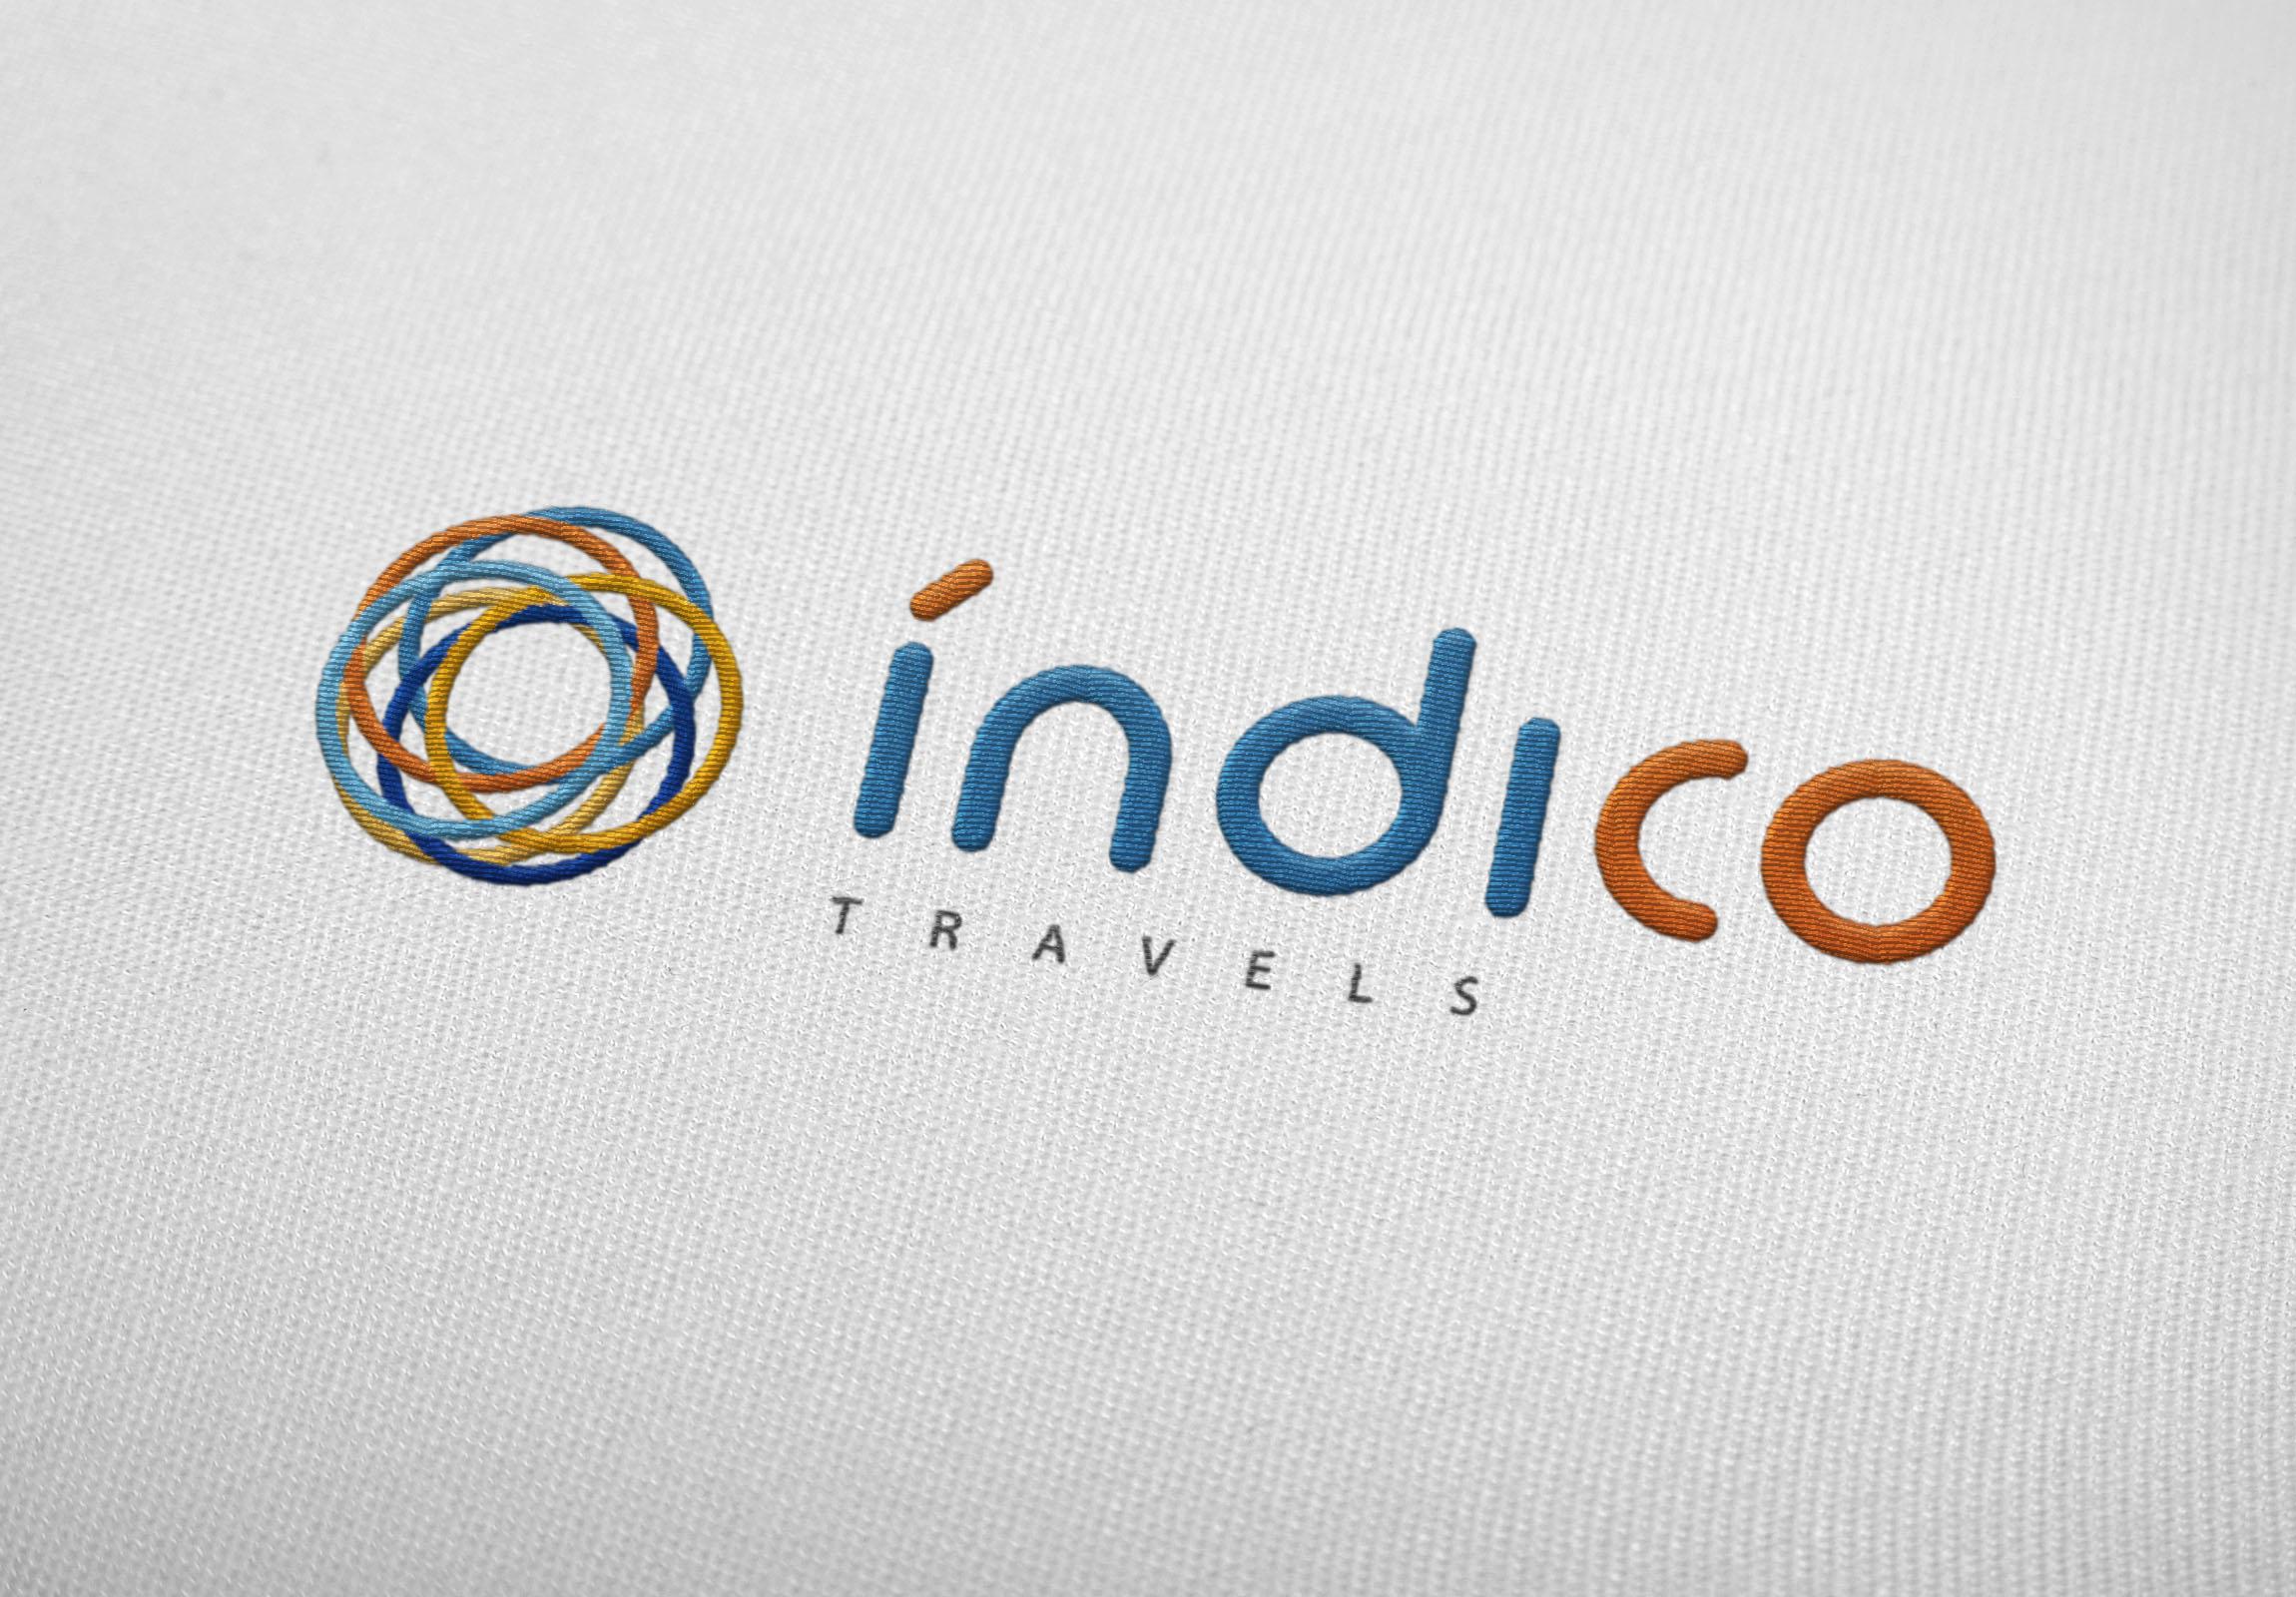 logotipo agencia de viajes